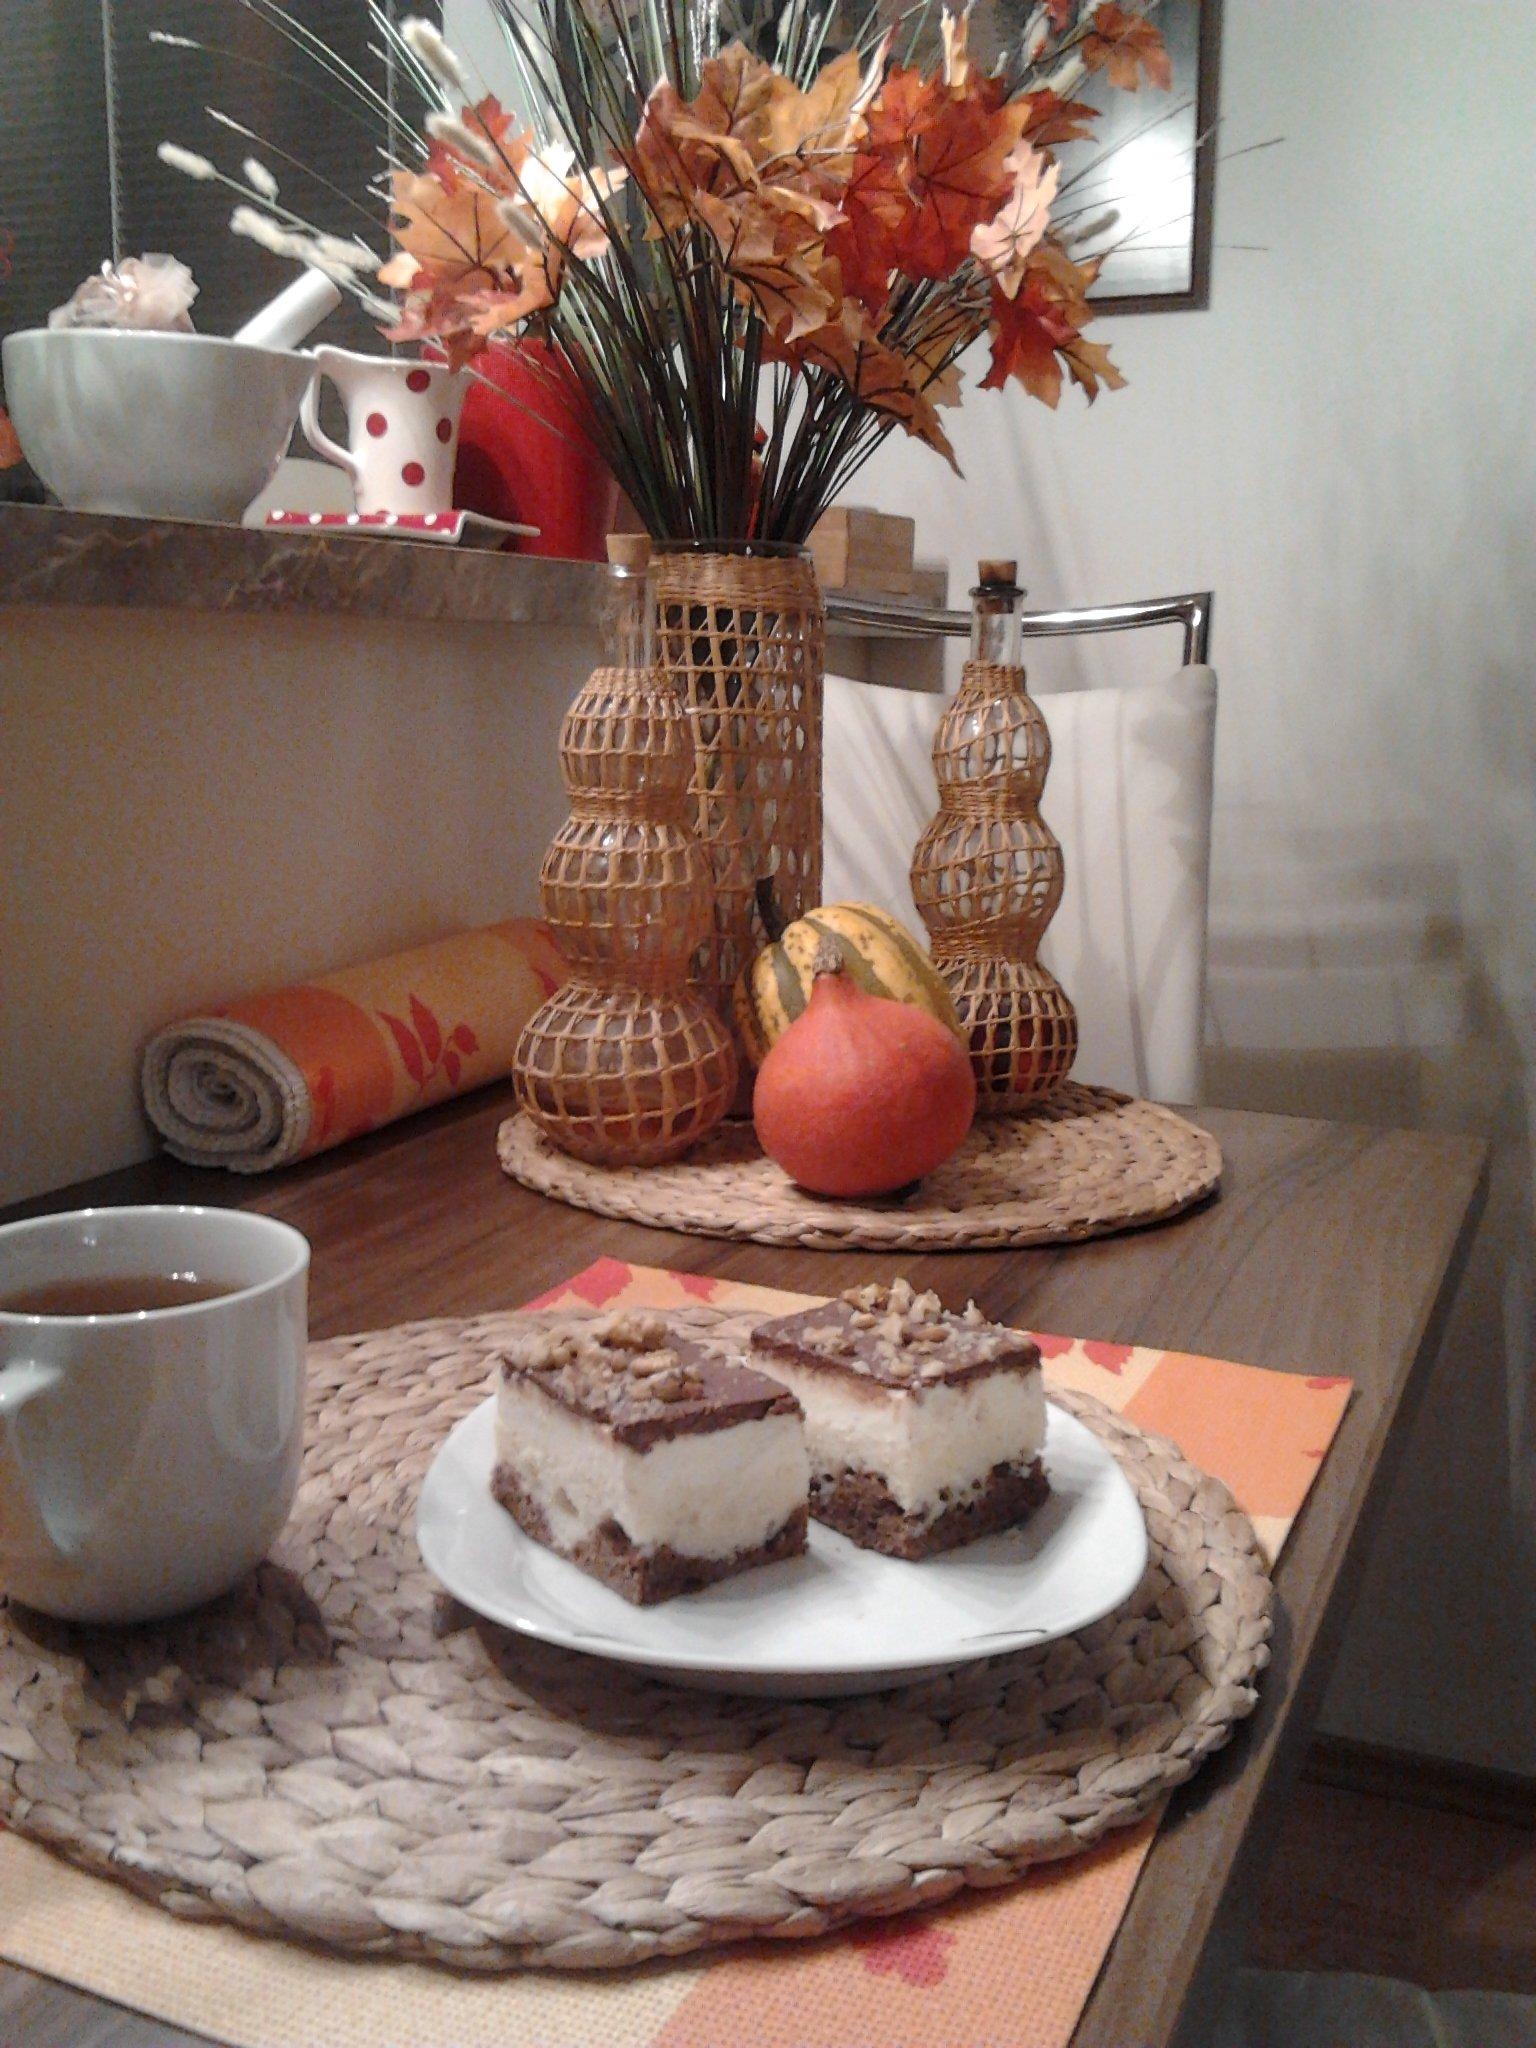 Recept Úžasné tvarohové řezy - První verze zdobení řezů